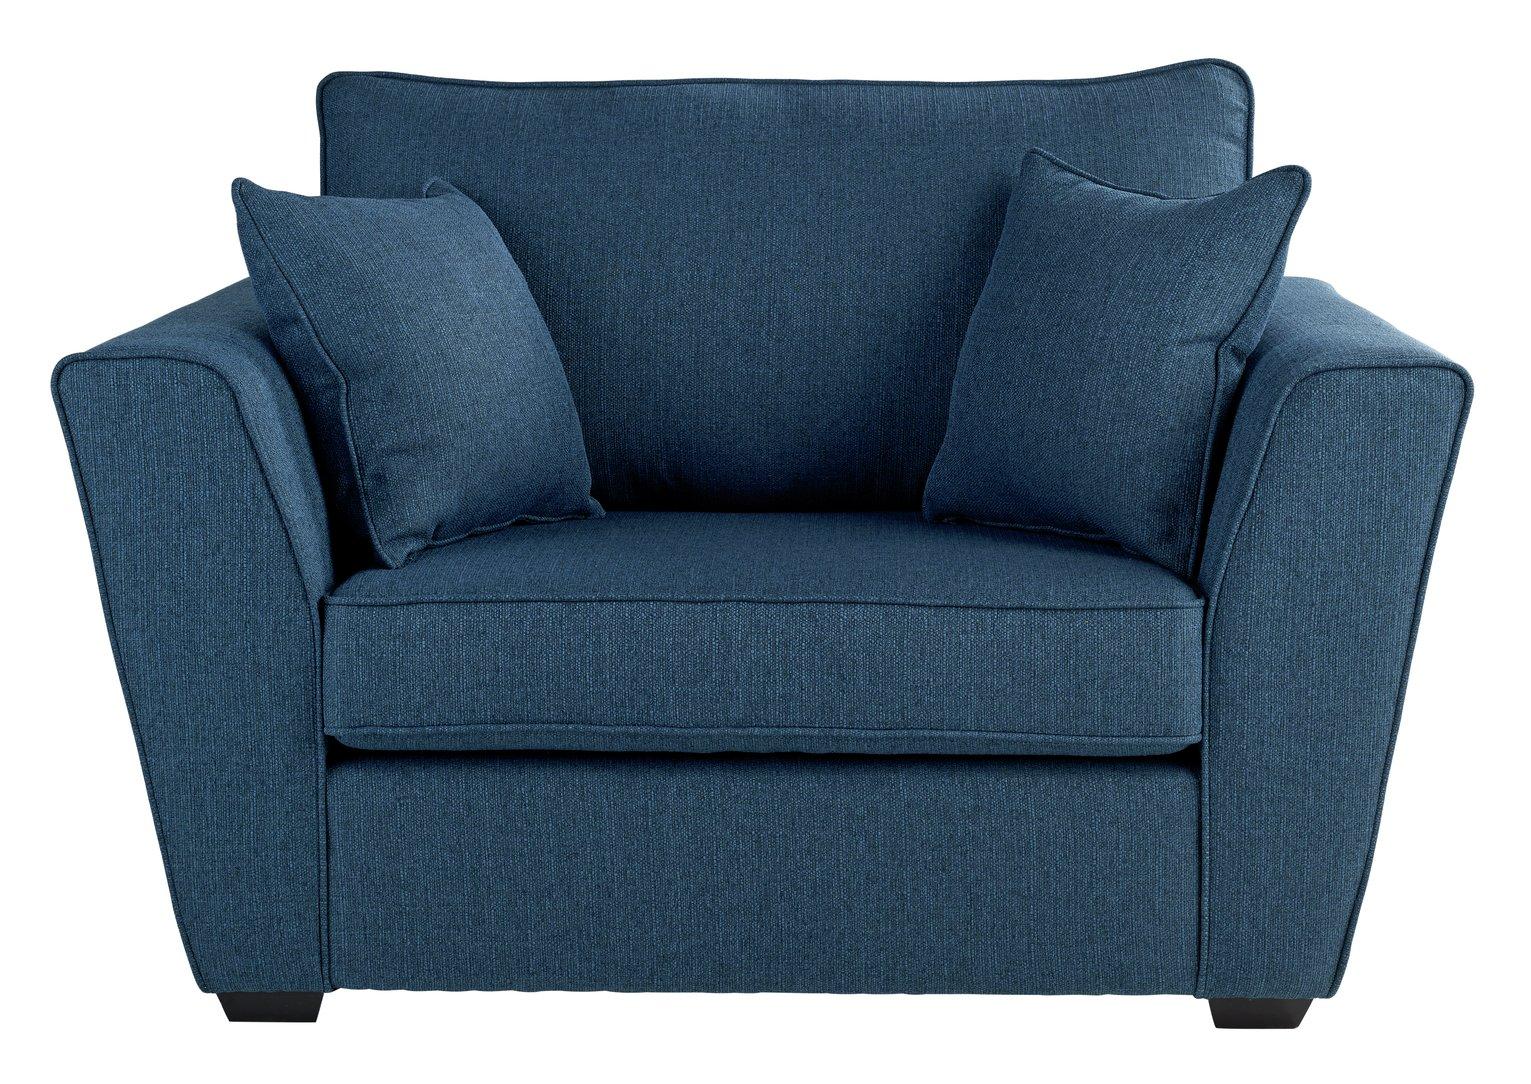 Argos Home Renley Fabric Cuddle Chair - Blue